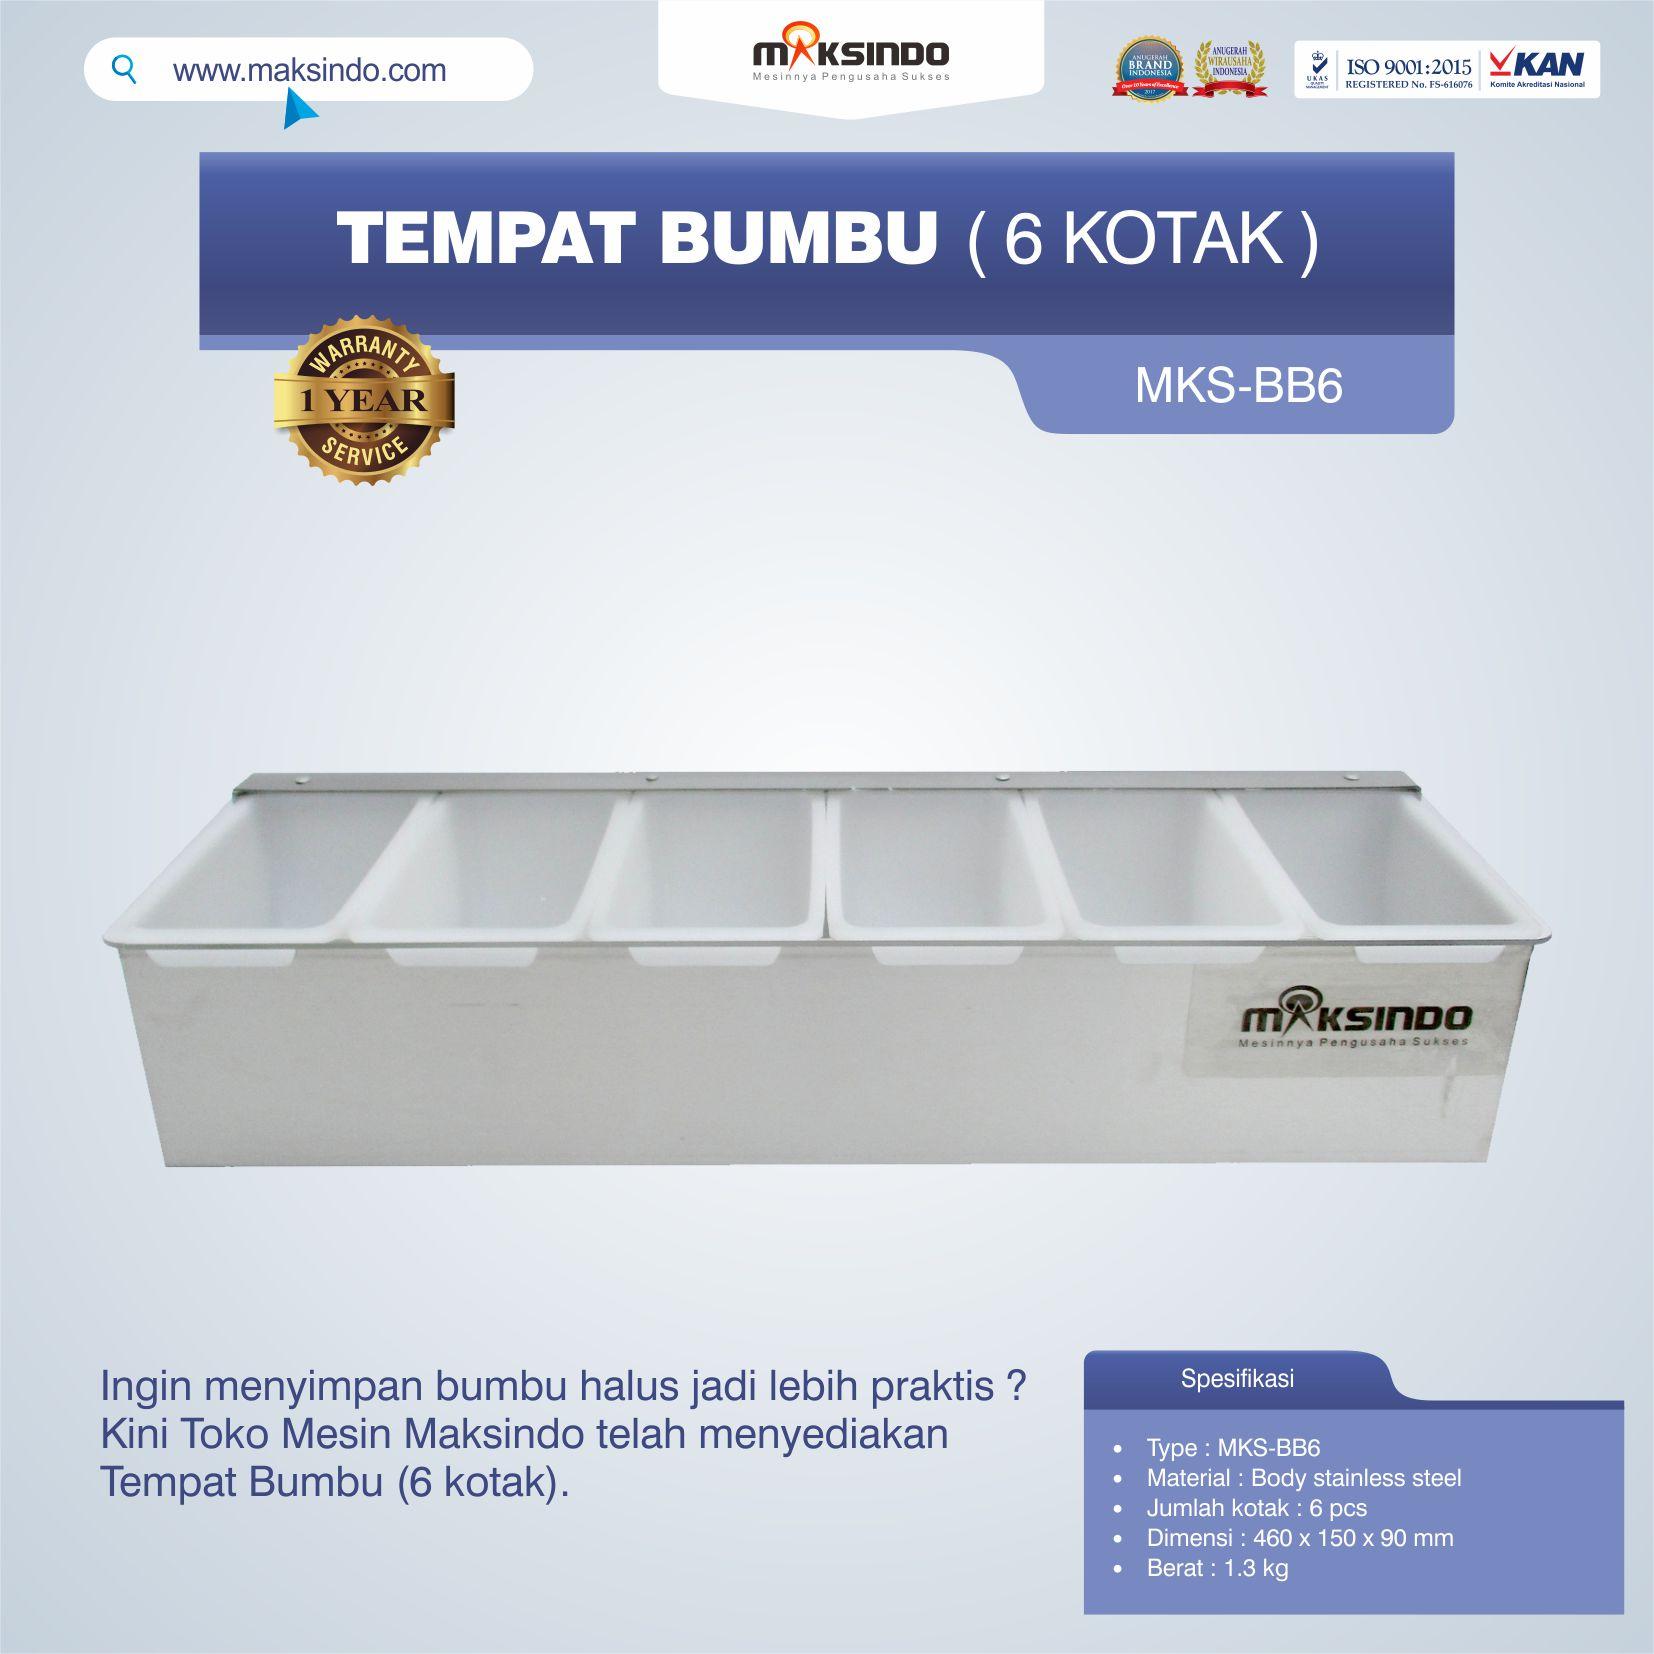 Jual Tempat Bumbu (6 Kotak) Di Palembang